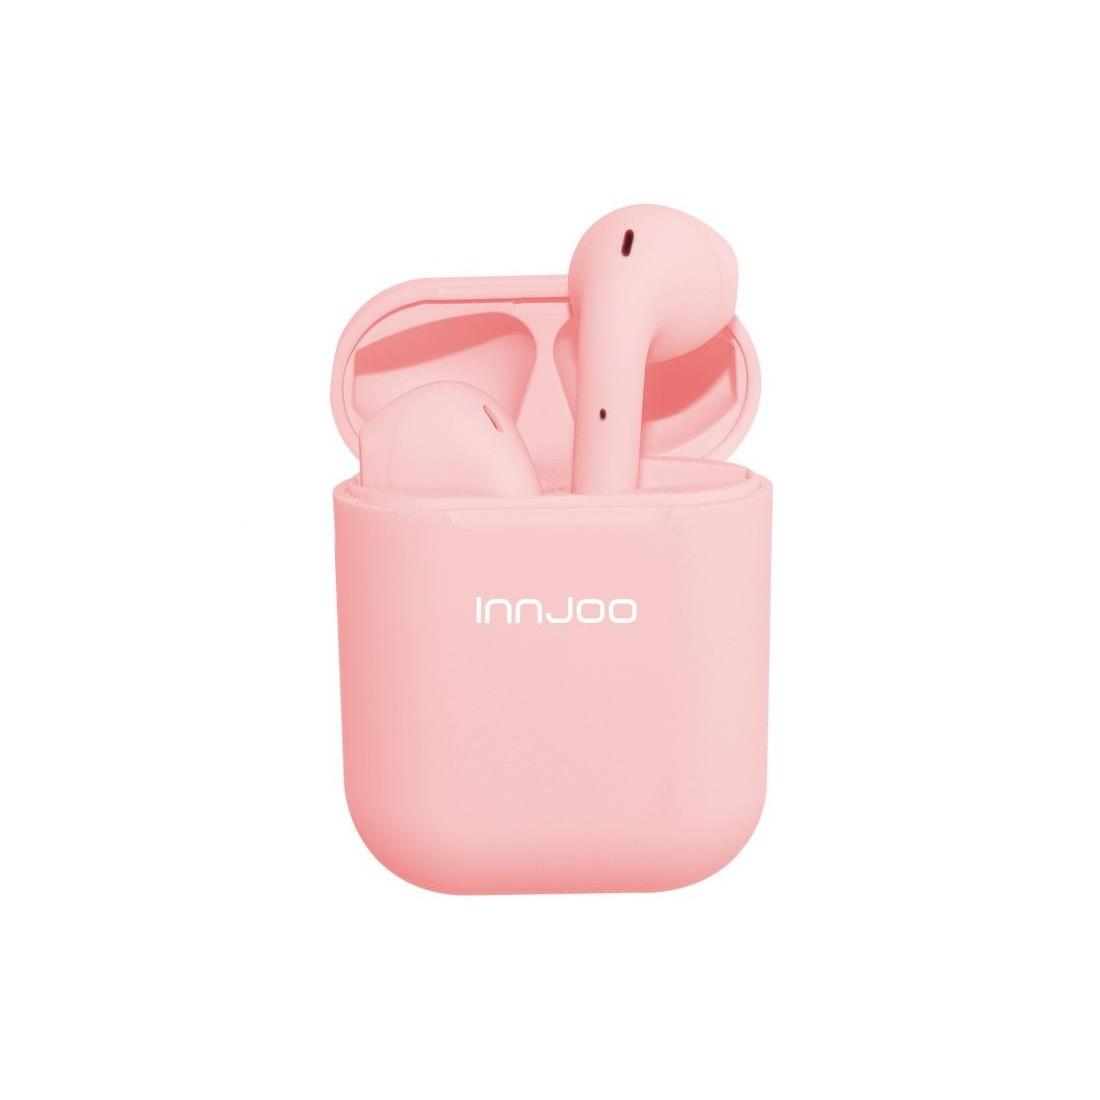 Auriculares INJOO GO V4, estuche de carga 550mAh, Bluetooth, color Rosa